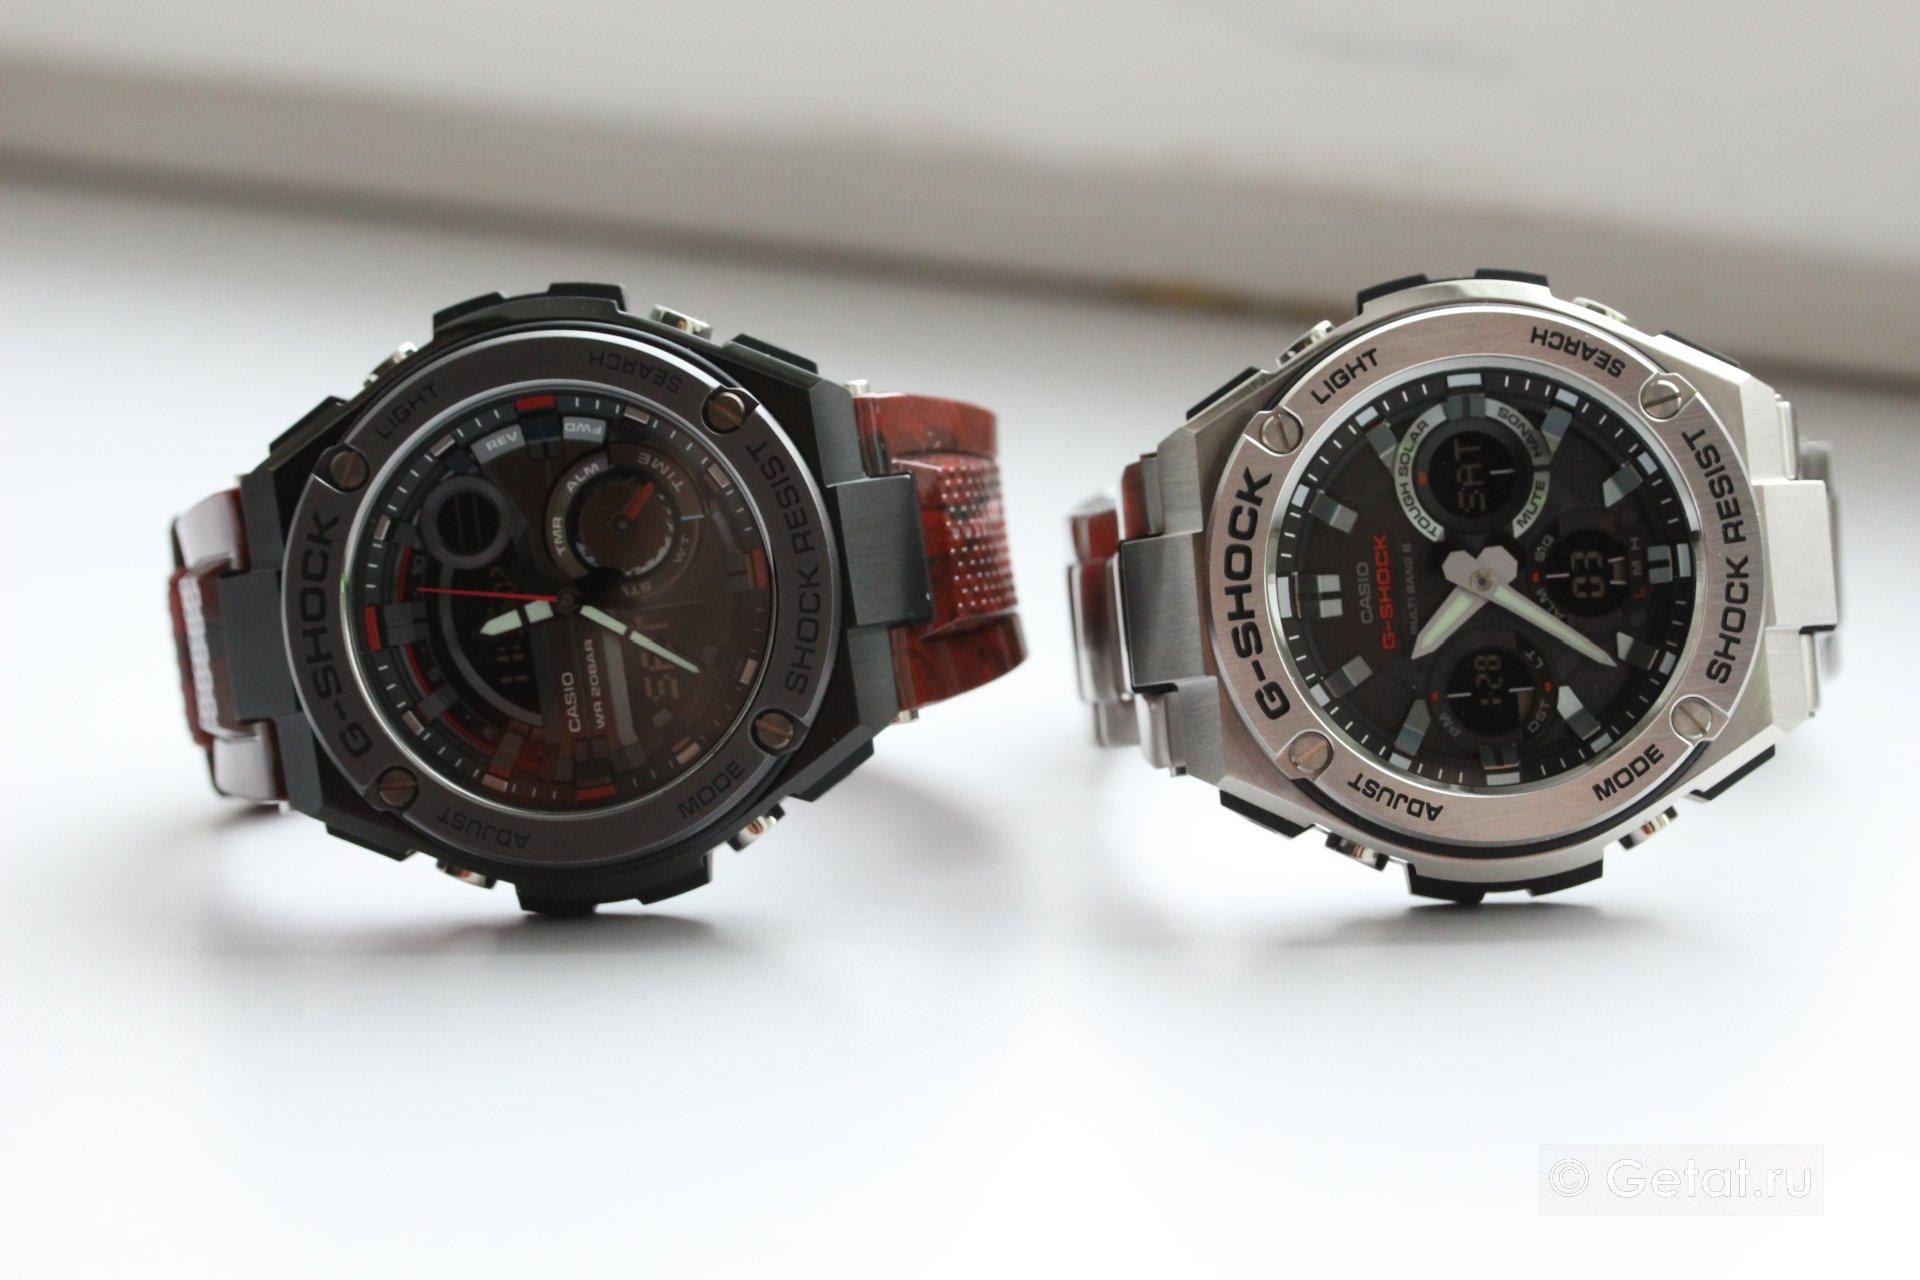 Джишоки для взрослых  обзор G-Shock GST-W110D и GST-210M   c87771031ee